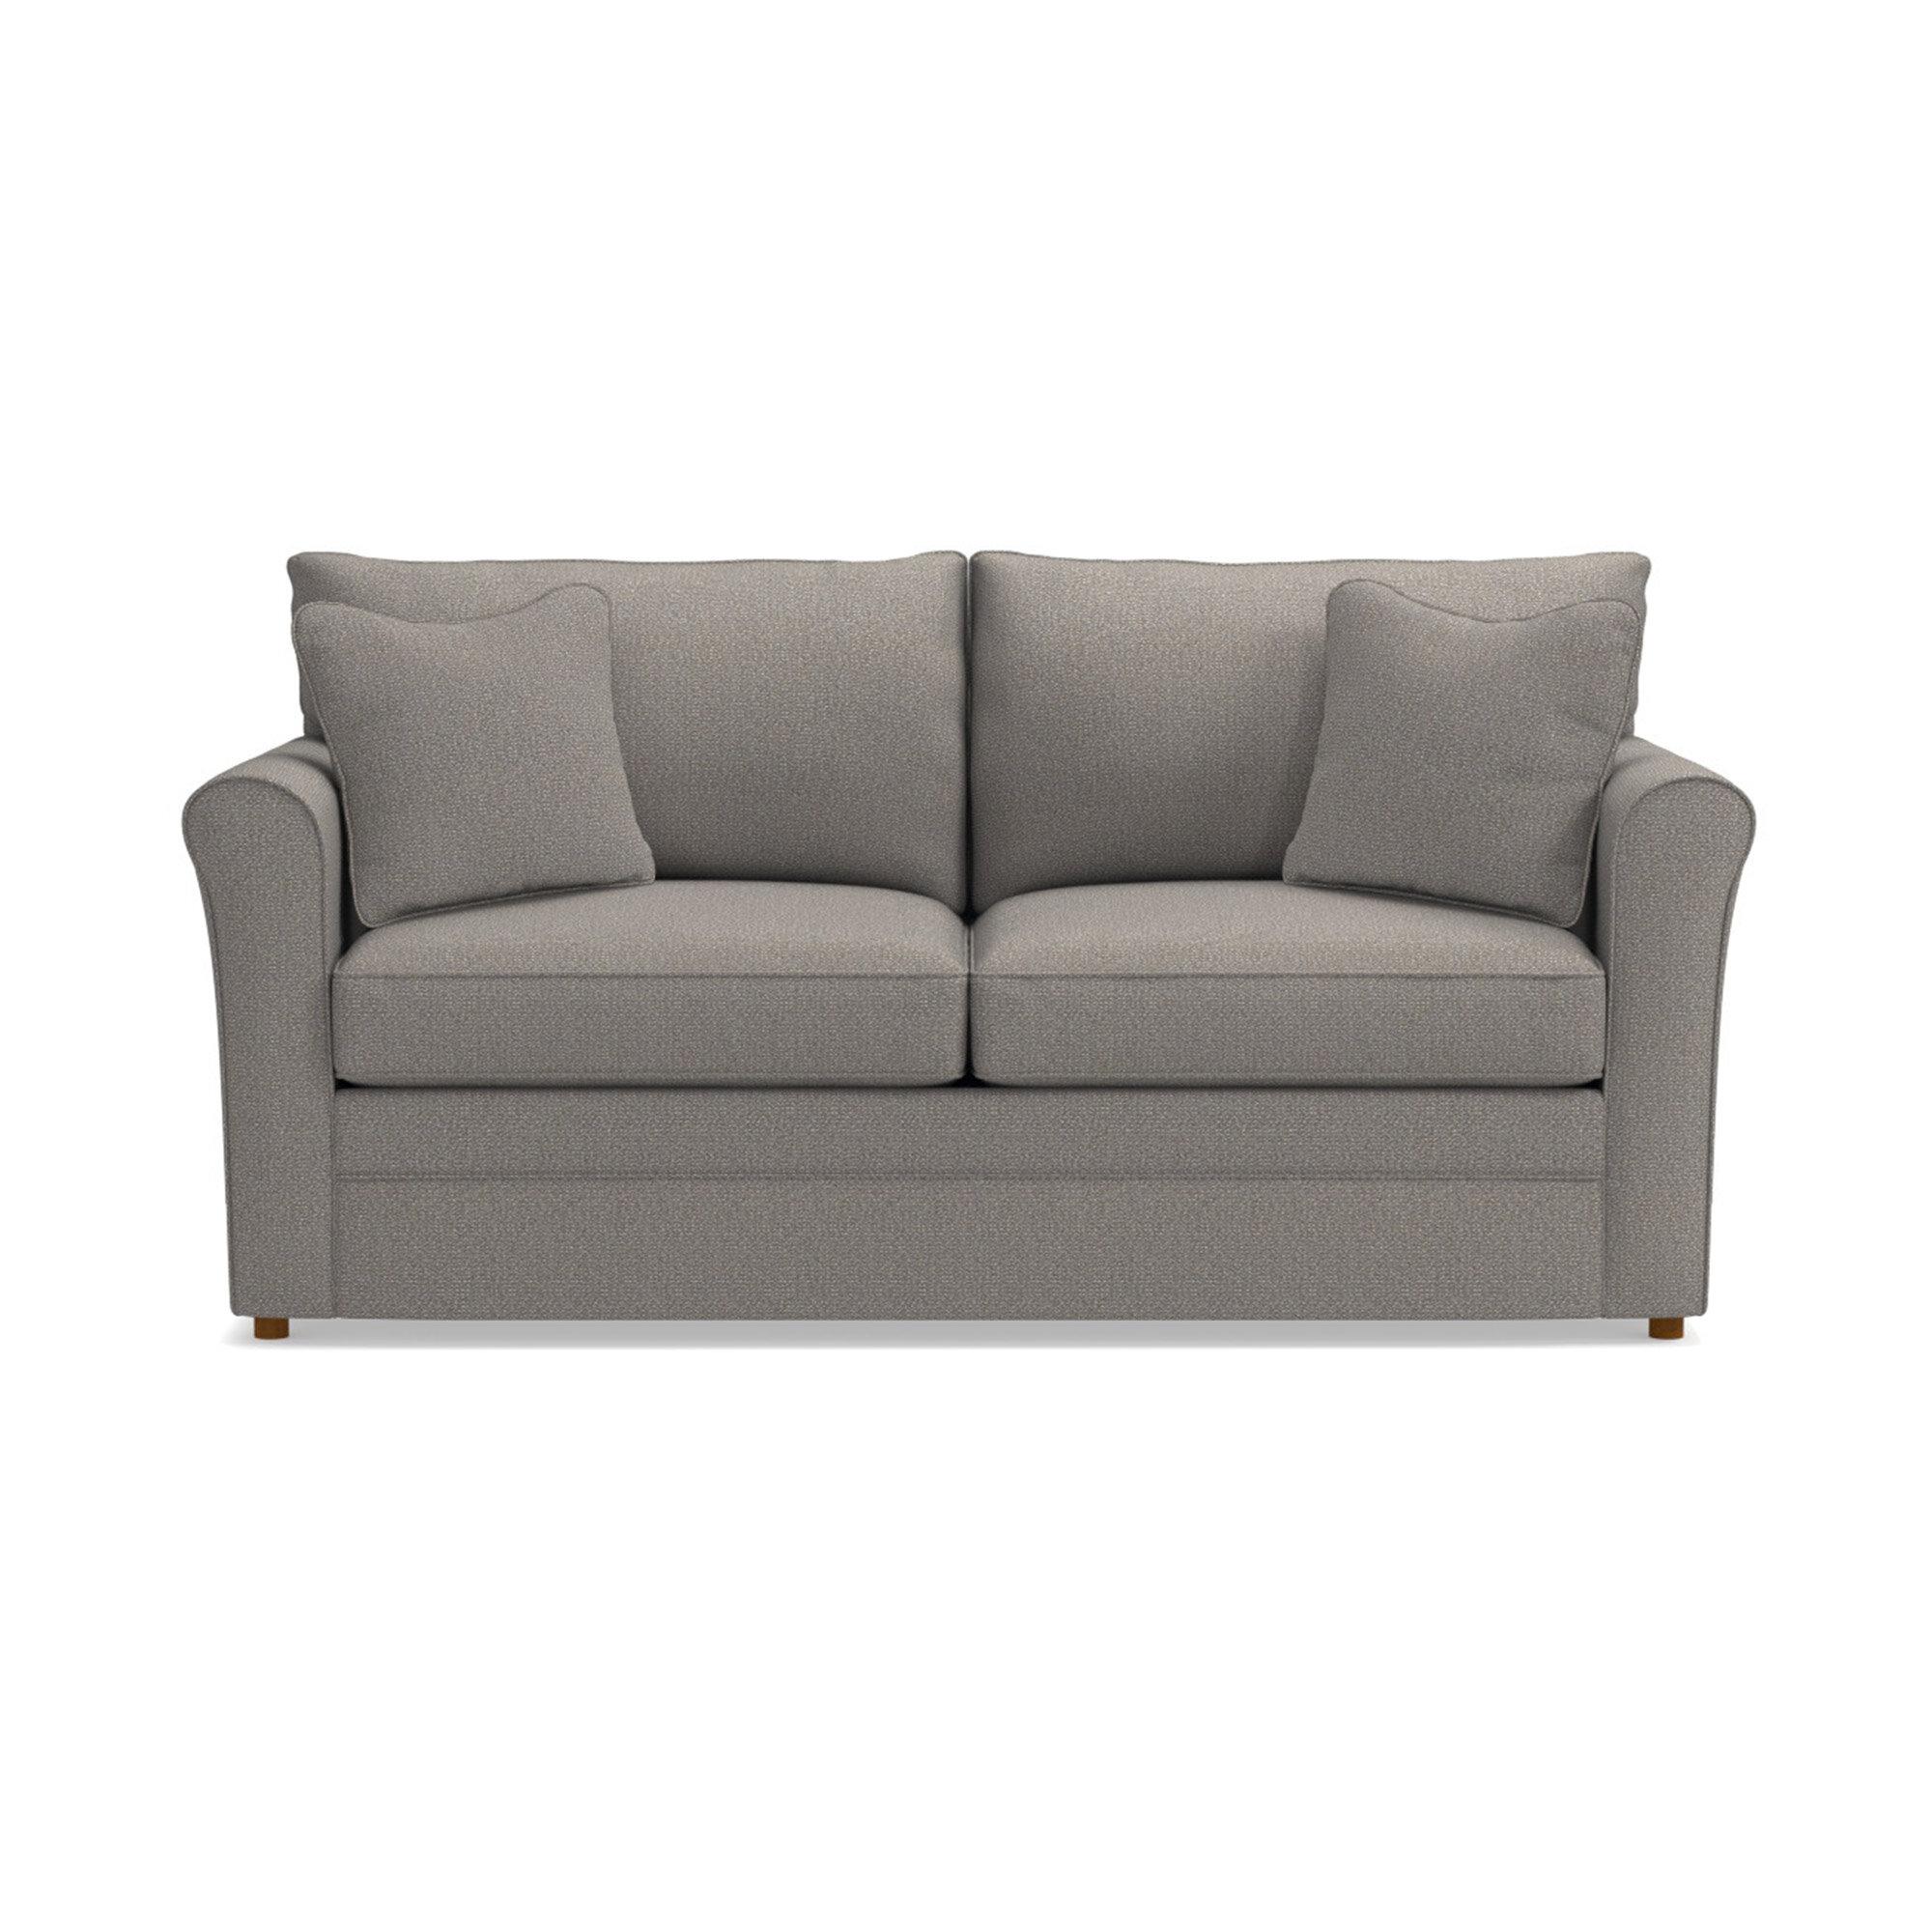 Leah Supreme Comfort™ Sofa Bed